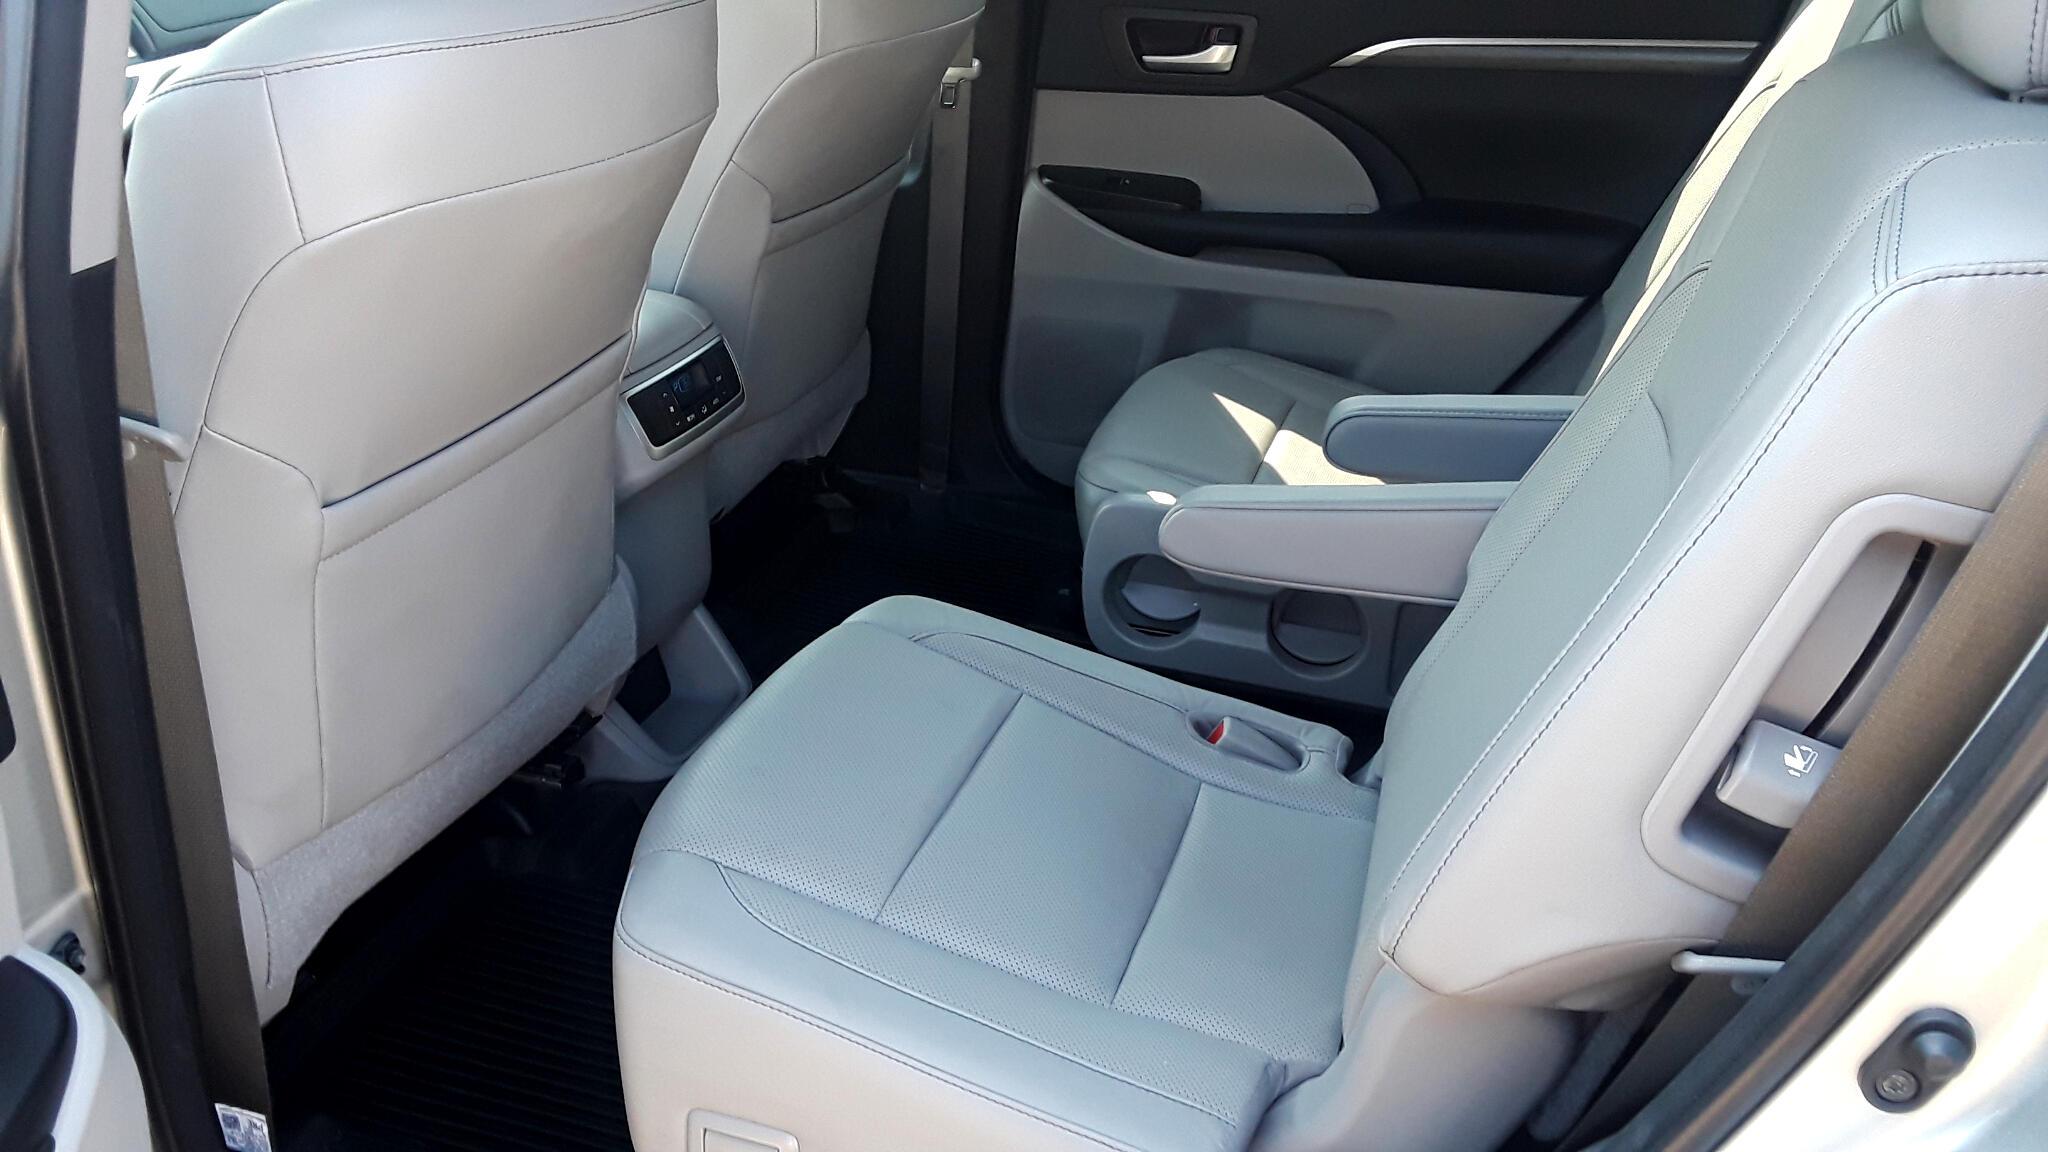 2018 Toyota Highlander Limited V6 AWD (Natl)